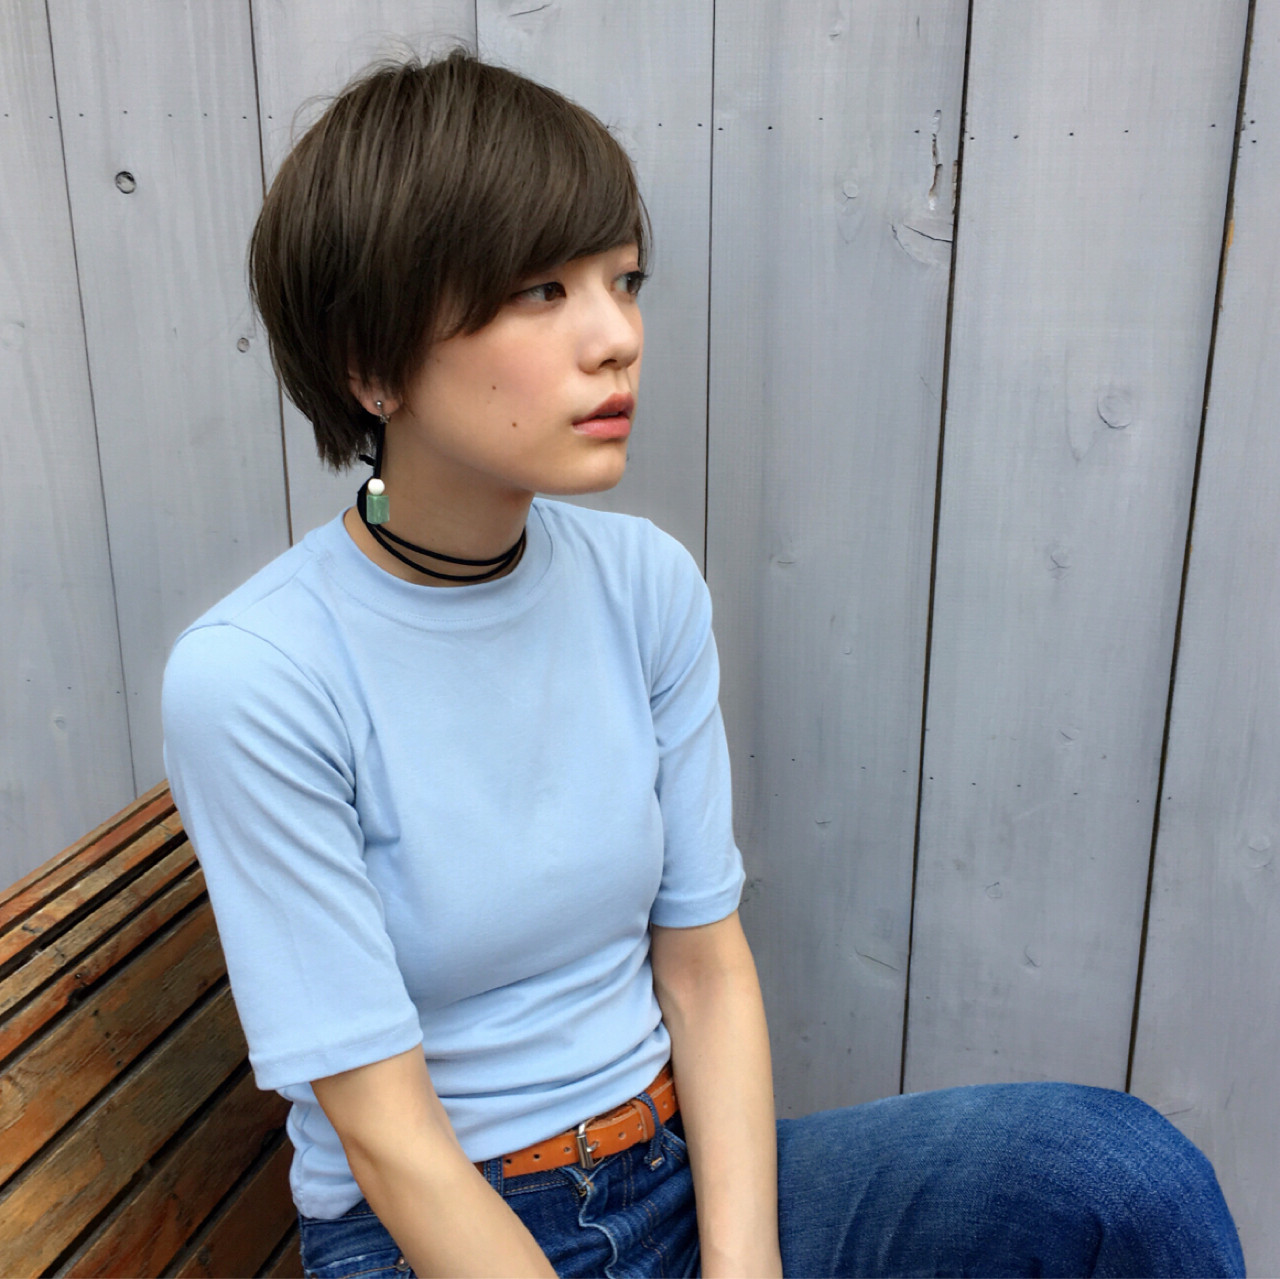 アッシュ 外国人風 ストリート 大人かわいい ヘアスタイルや髪型の写真・画像